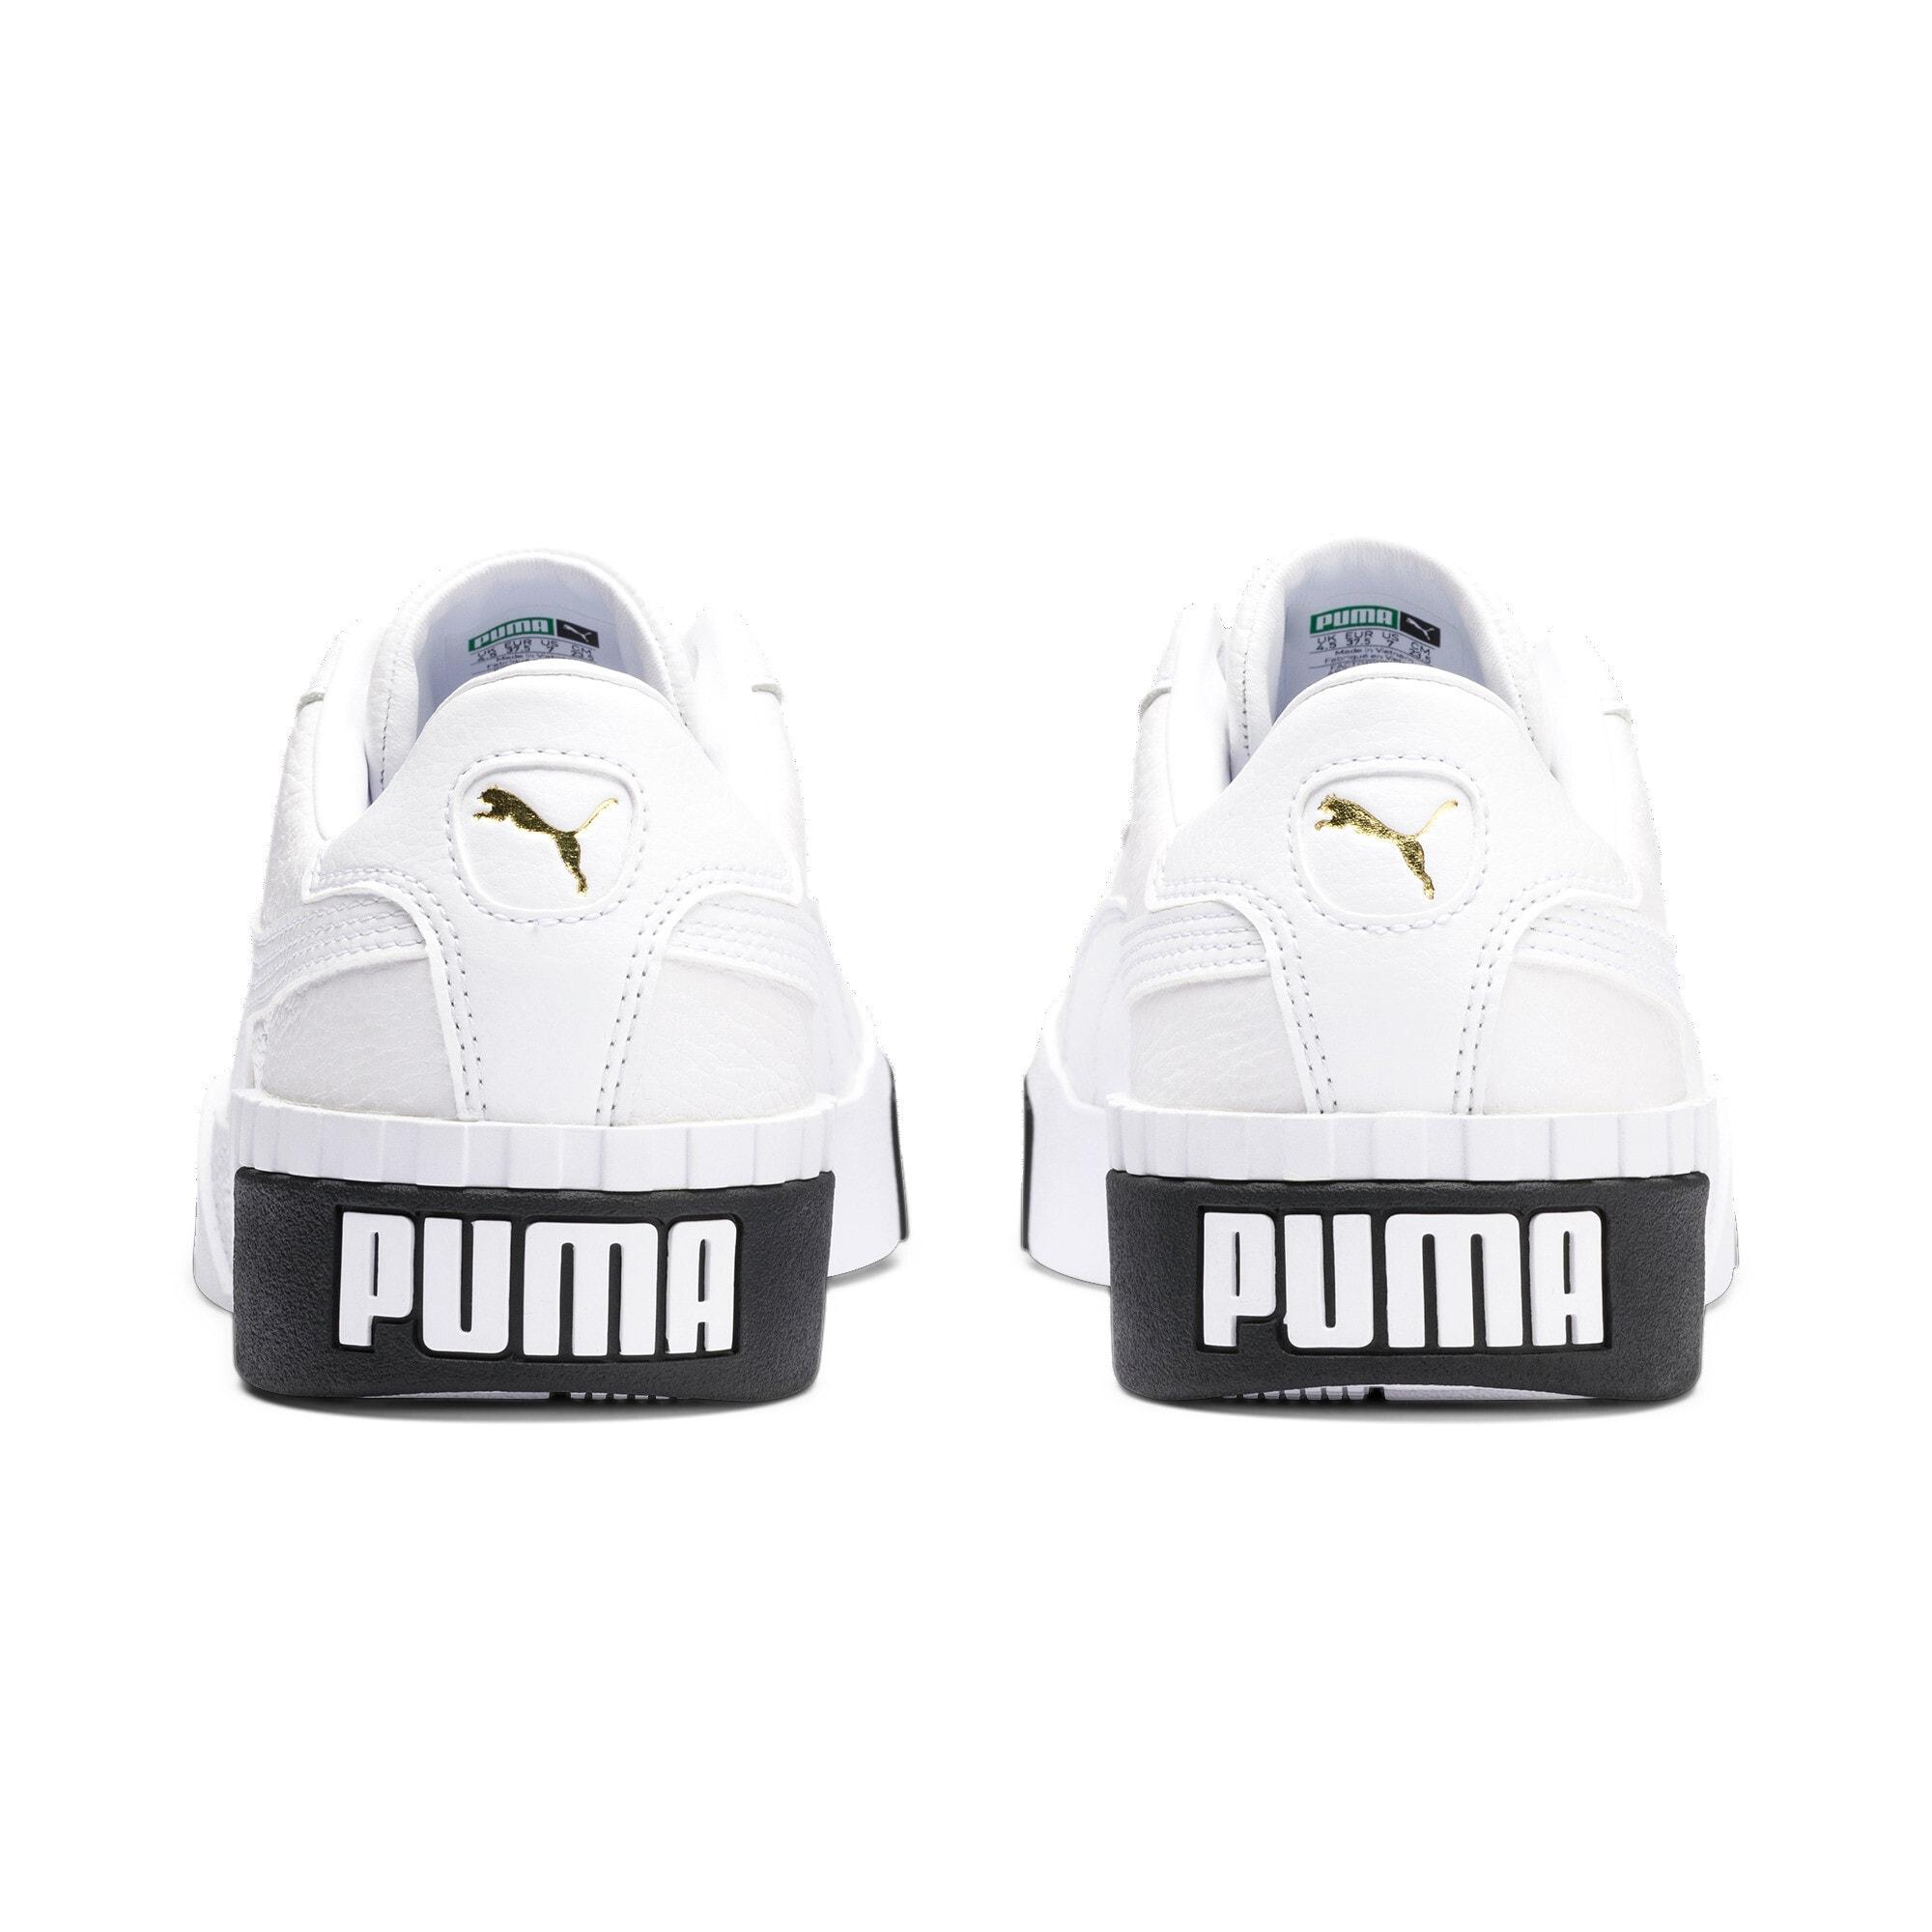 Anteprima 4 di Cali Women's Trainers, Puma White-Puma Black, medio